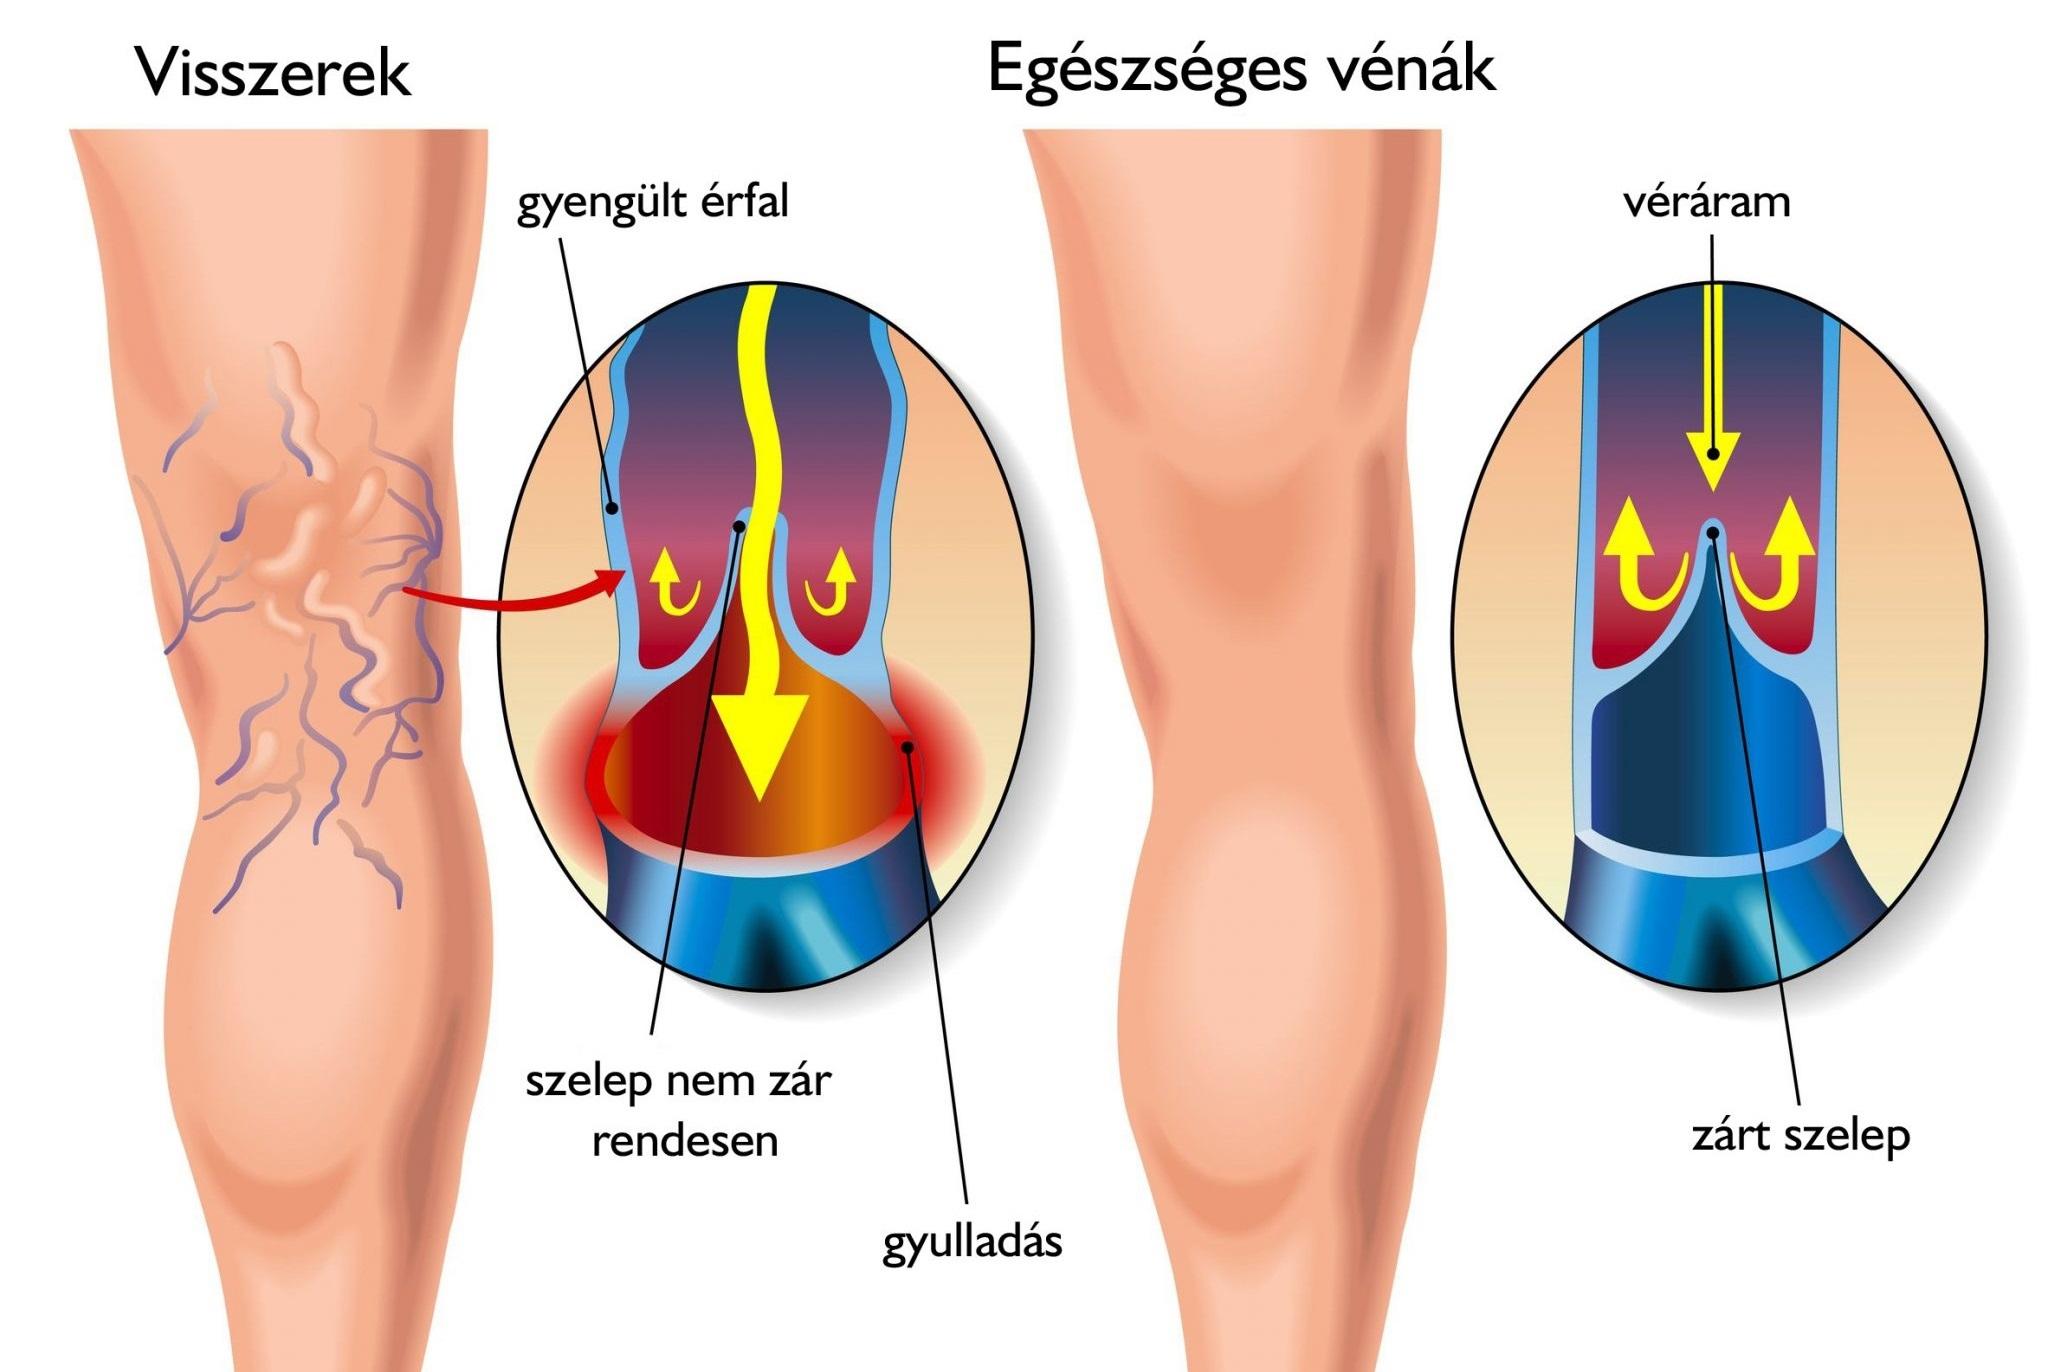 kismedencei varikózis a nők diagnosztikájában visszér 15-kor